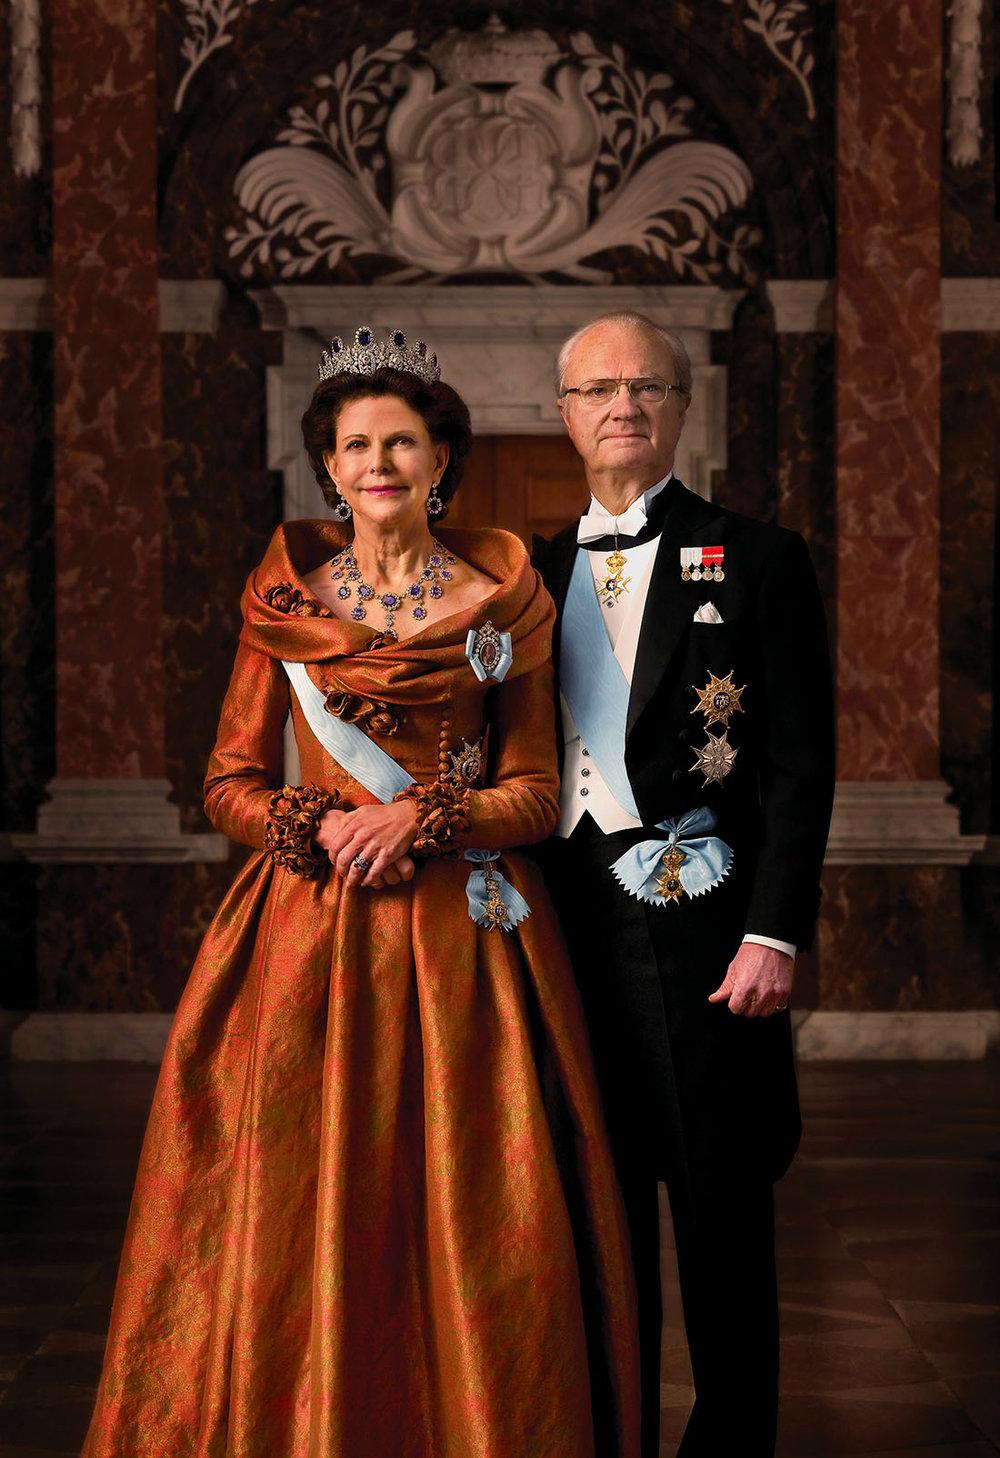 Photo courtesy of Swedish Royal Court